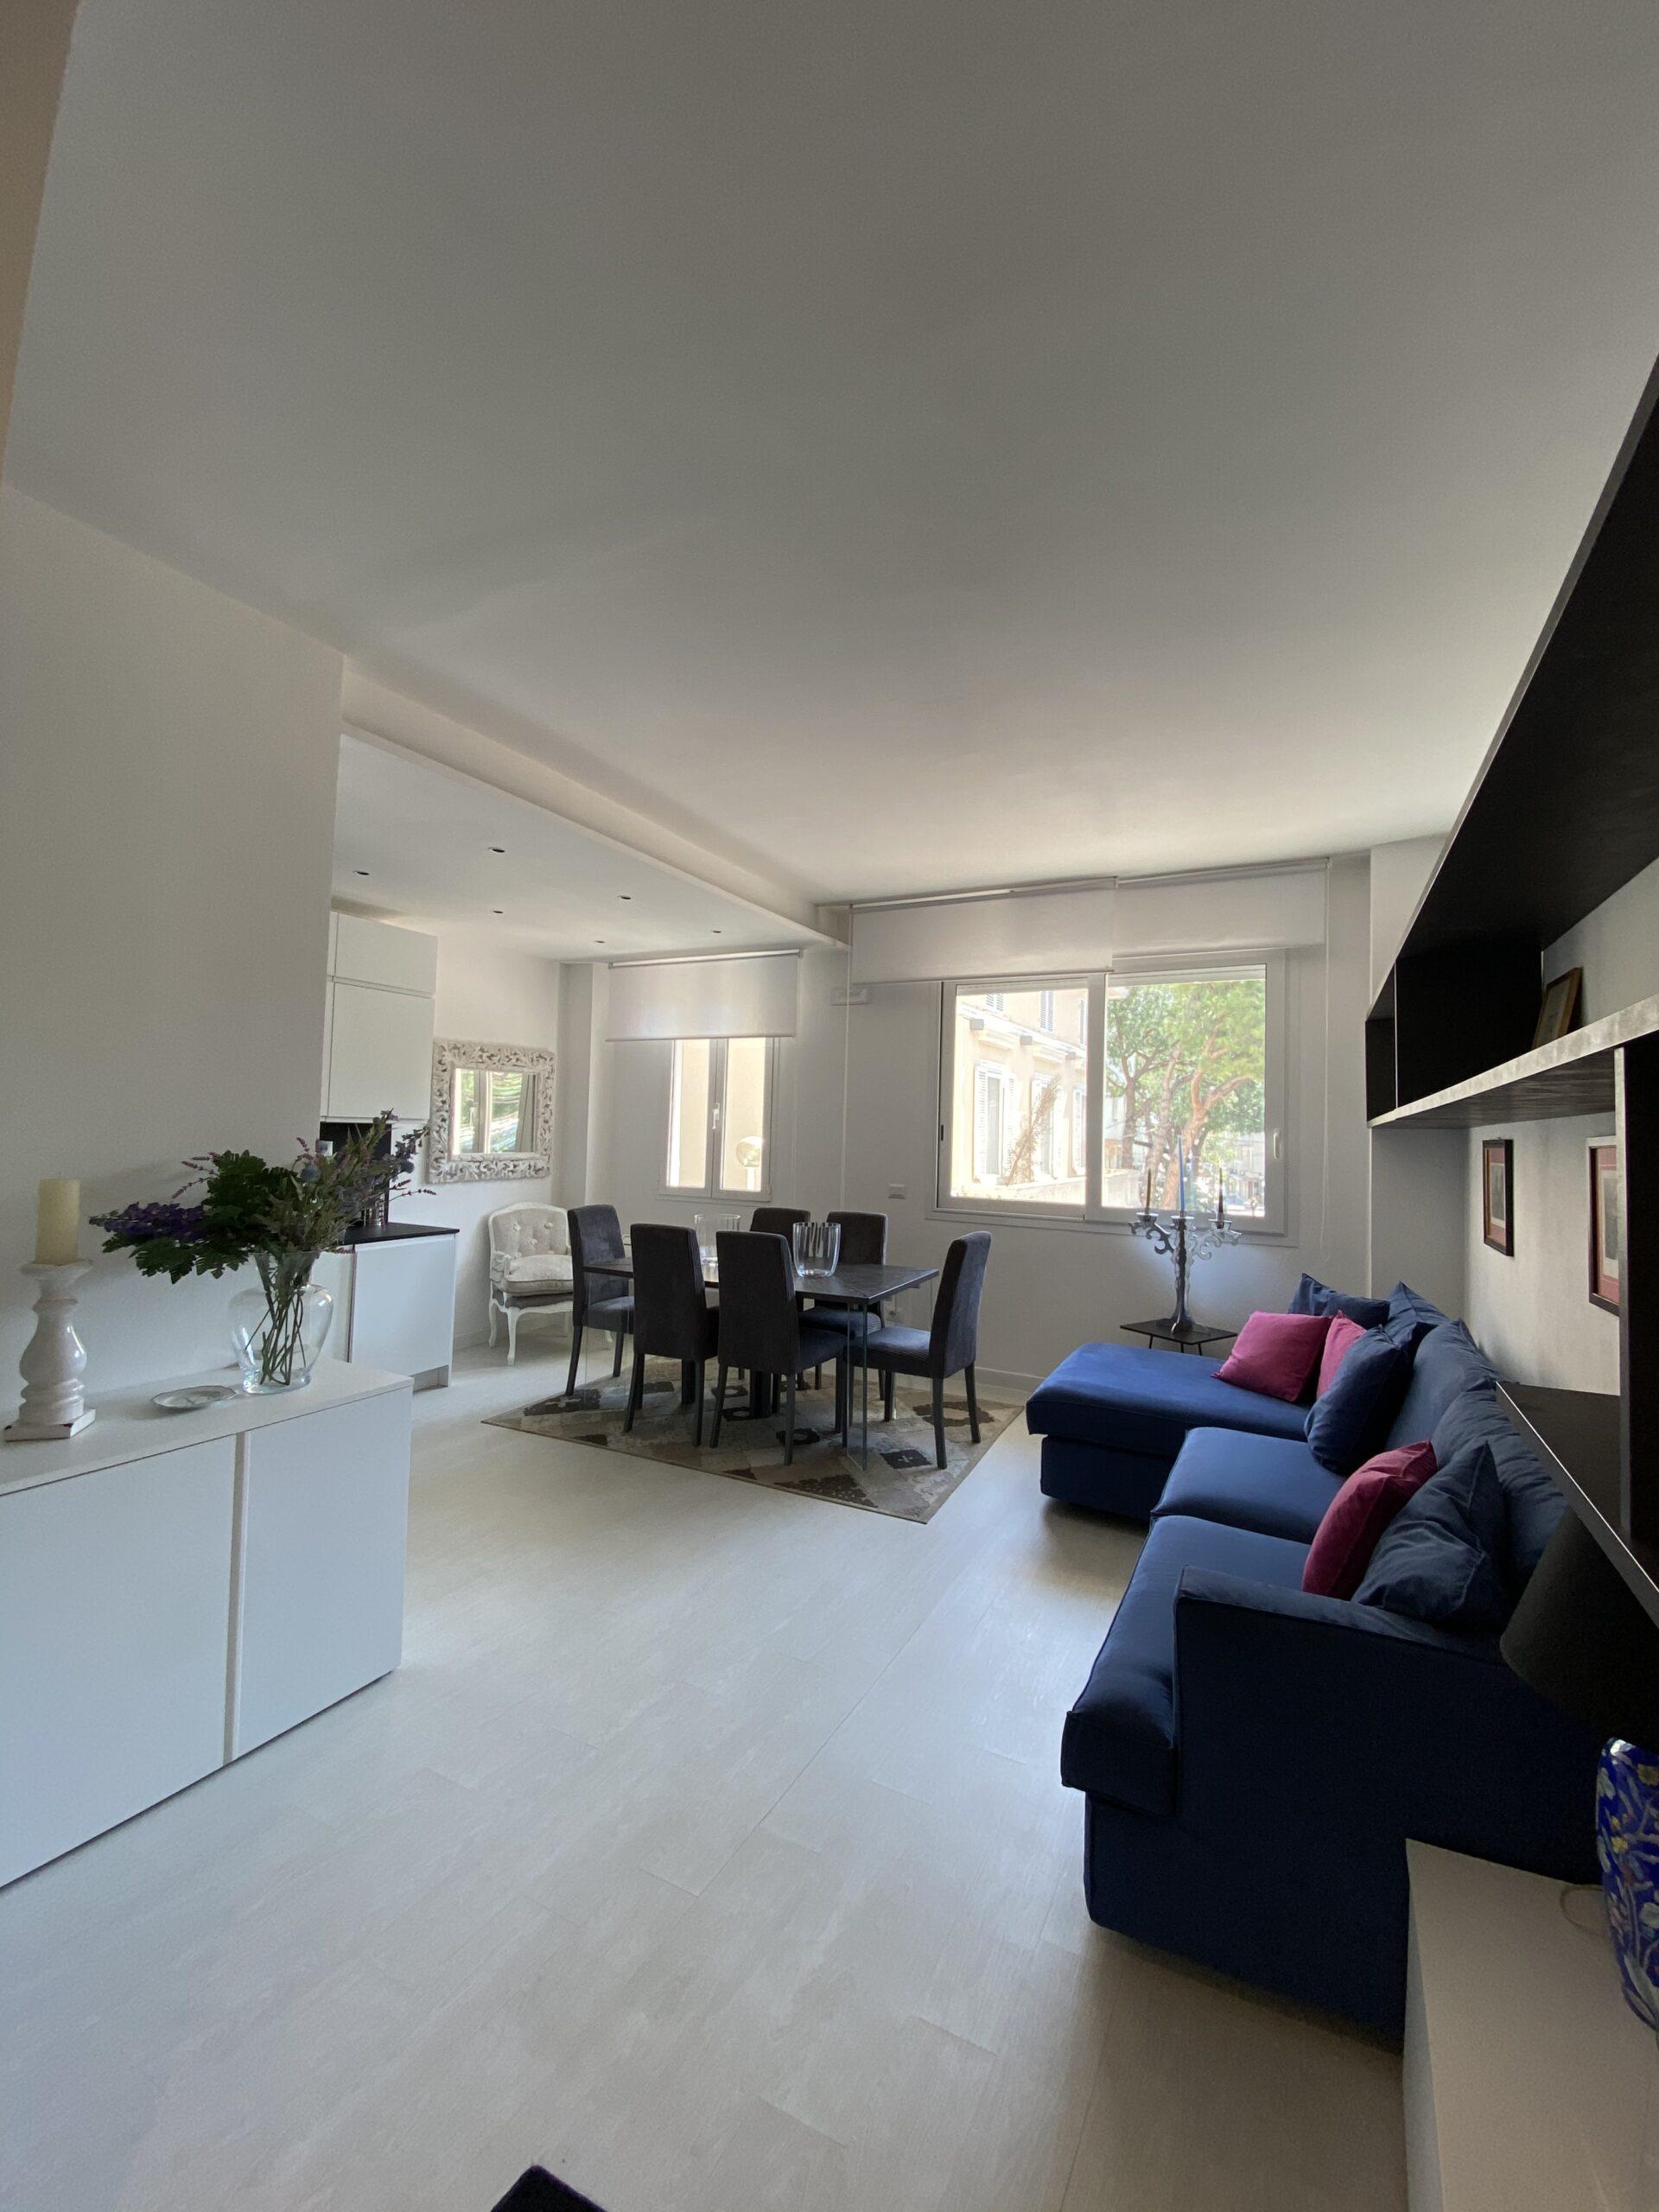 RICCIONE CECCARINI, Lussuoso appartamento in affitto stagionale